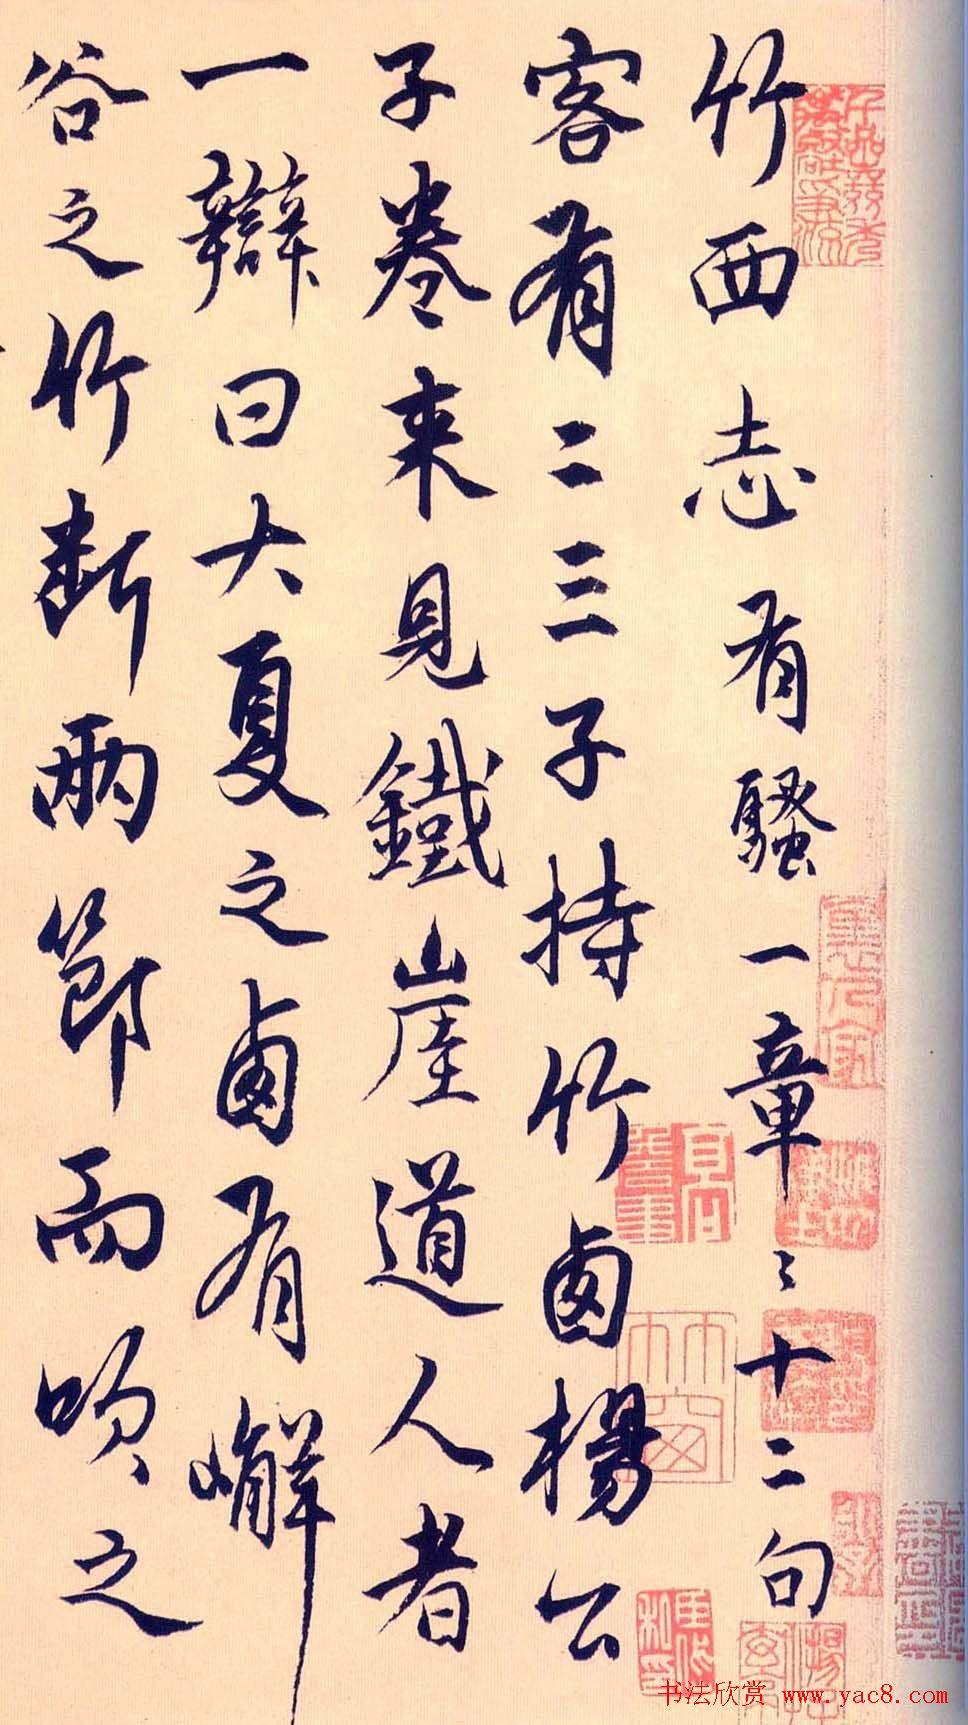 杨维桢行书作品《竹西志》